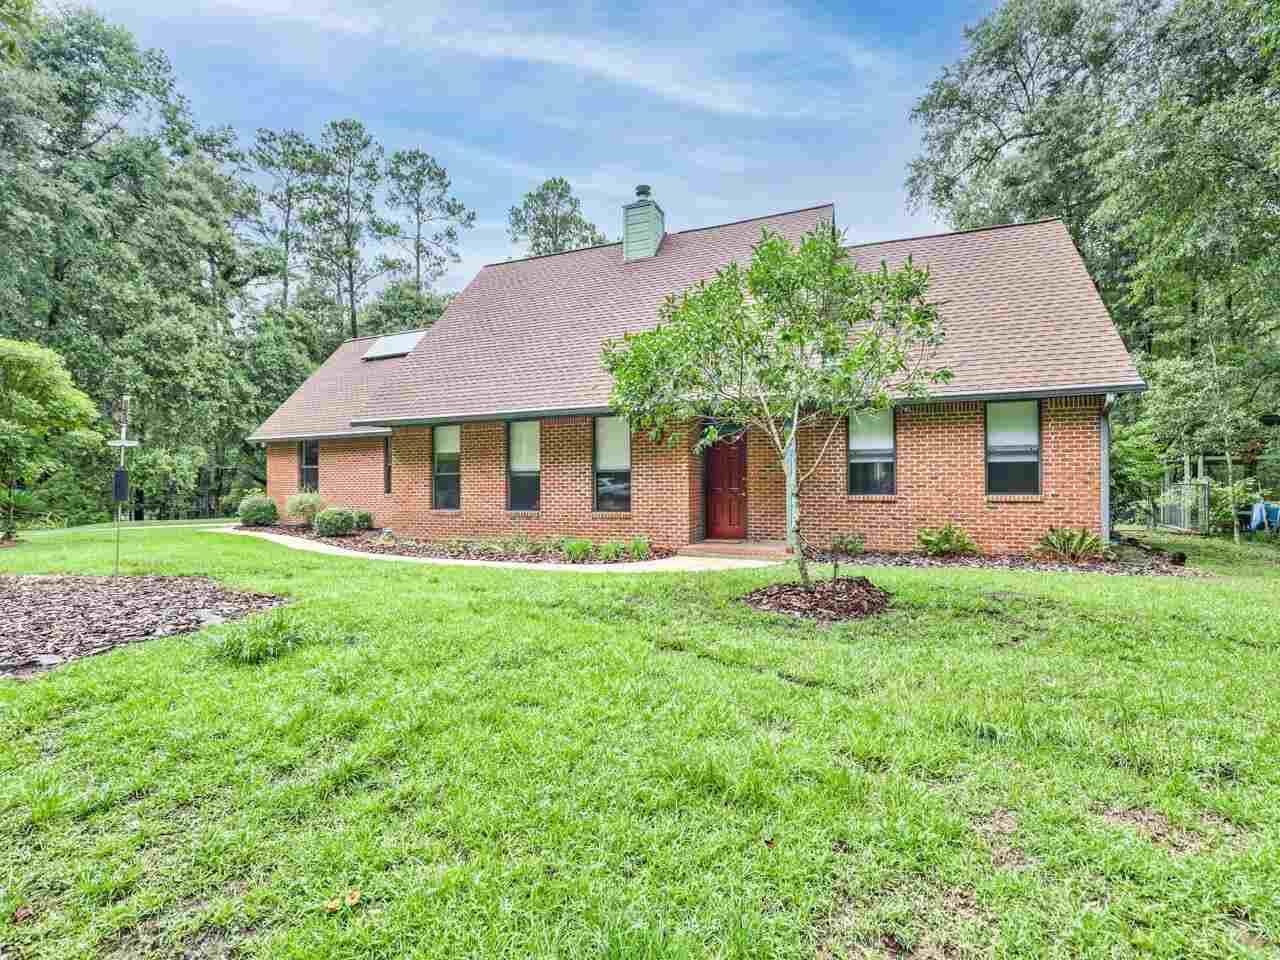 Photo of 2218 Ten Oaks Drive, TALLAHASSEE, FL 32312 (MLS # 335374)